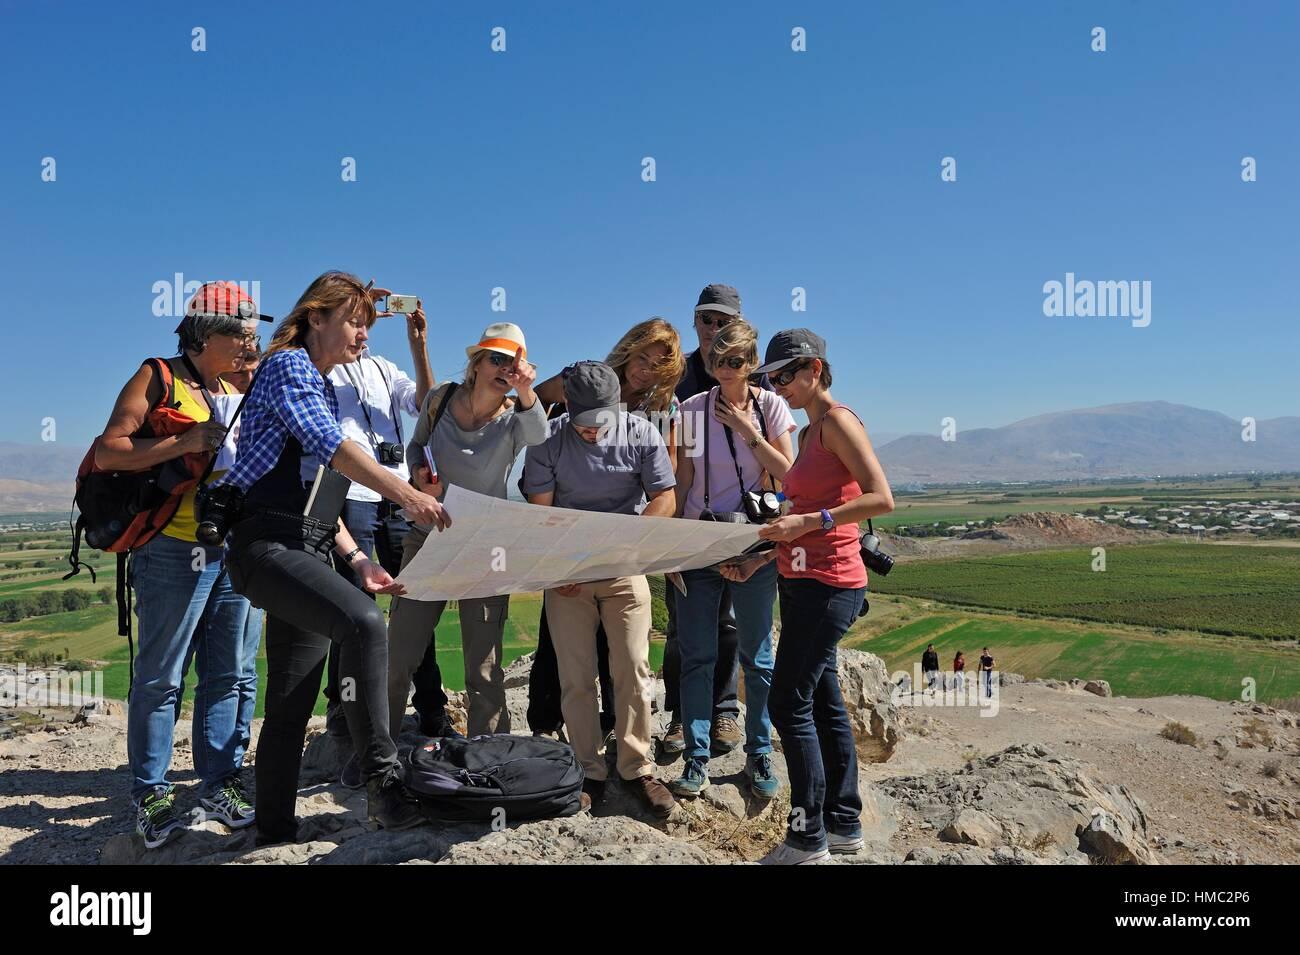 Guía explicando la geografía con un mapa a un grupo de turistas, en el monasterio de Khor Virap, Ararat Imagen De Stock